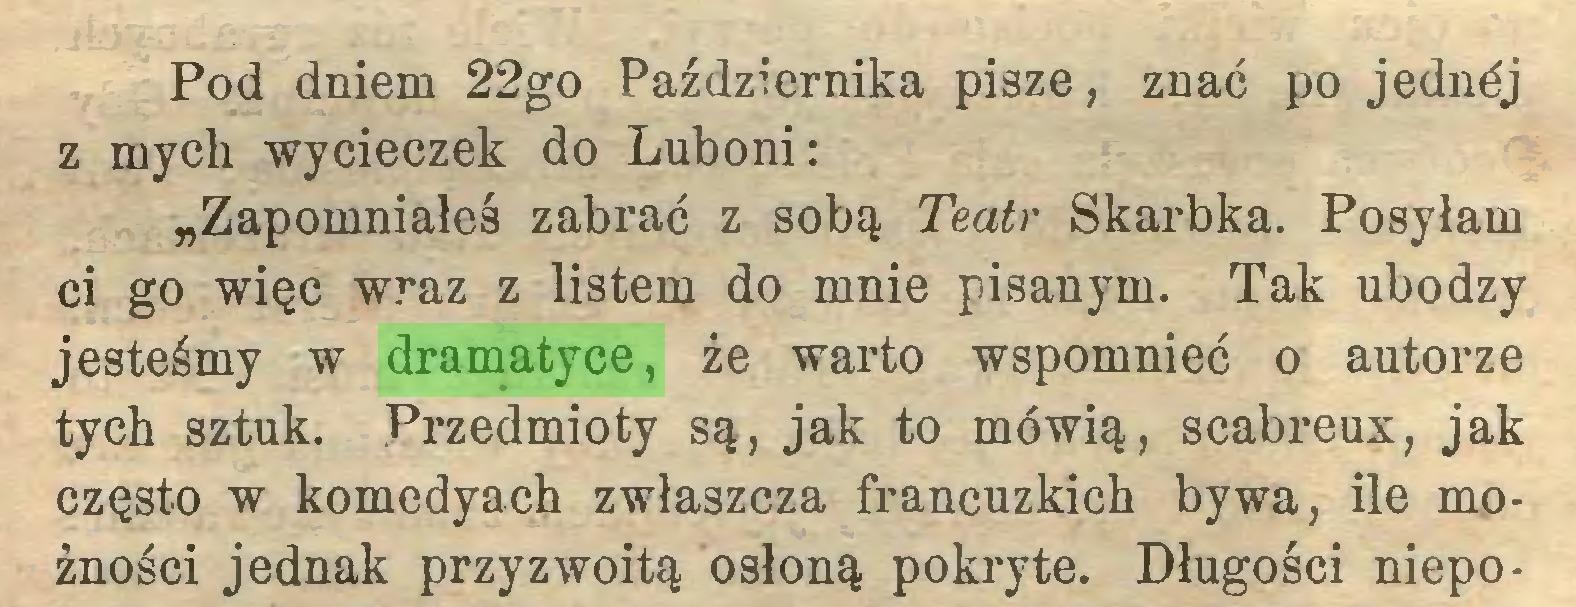 """(...) Pod dniem 22go Października pisze, znać po jednéj z mych wycieczek do Luboni: """"Zapomniałeś zabrać z sobą Teatr Skarbka. Posyłam ci go więc wraz z listem do mnie pisanym. Tak ubodzy jesteśmy w dramatyce, że warto wspomnieć o autorze tych sztuk. Przedmioty są, jak to mówią, scabreux, jak często w komedyach zwłaszcza francuzkich bywa, ile możności jednak przyzwoitą osłoną pokryte. Długości niepo..."""